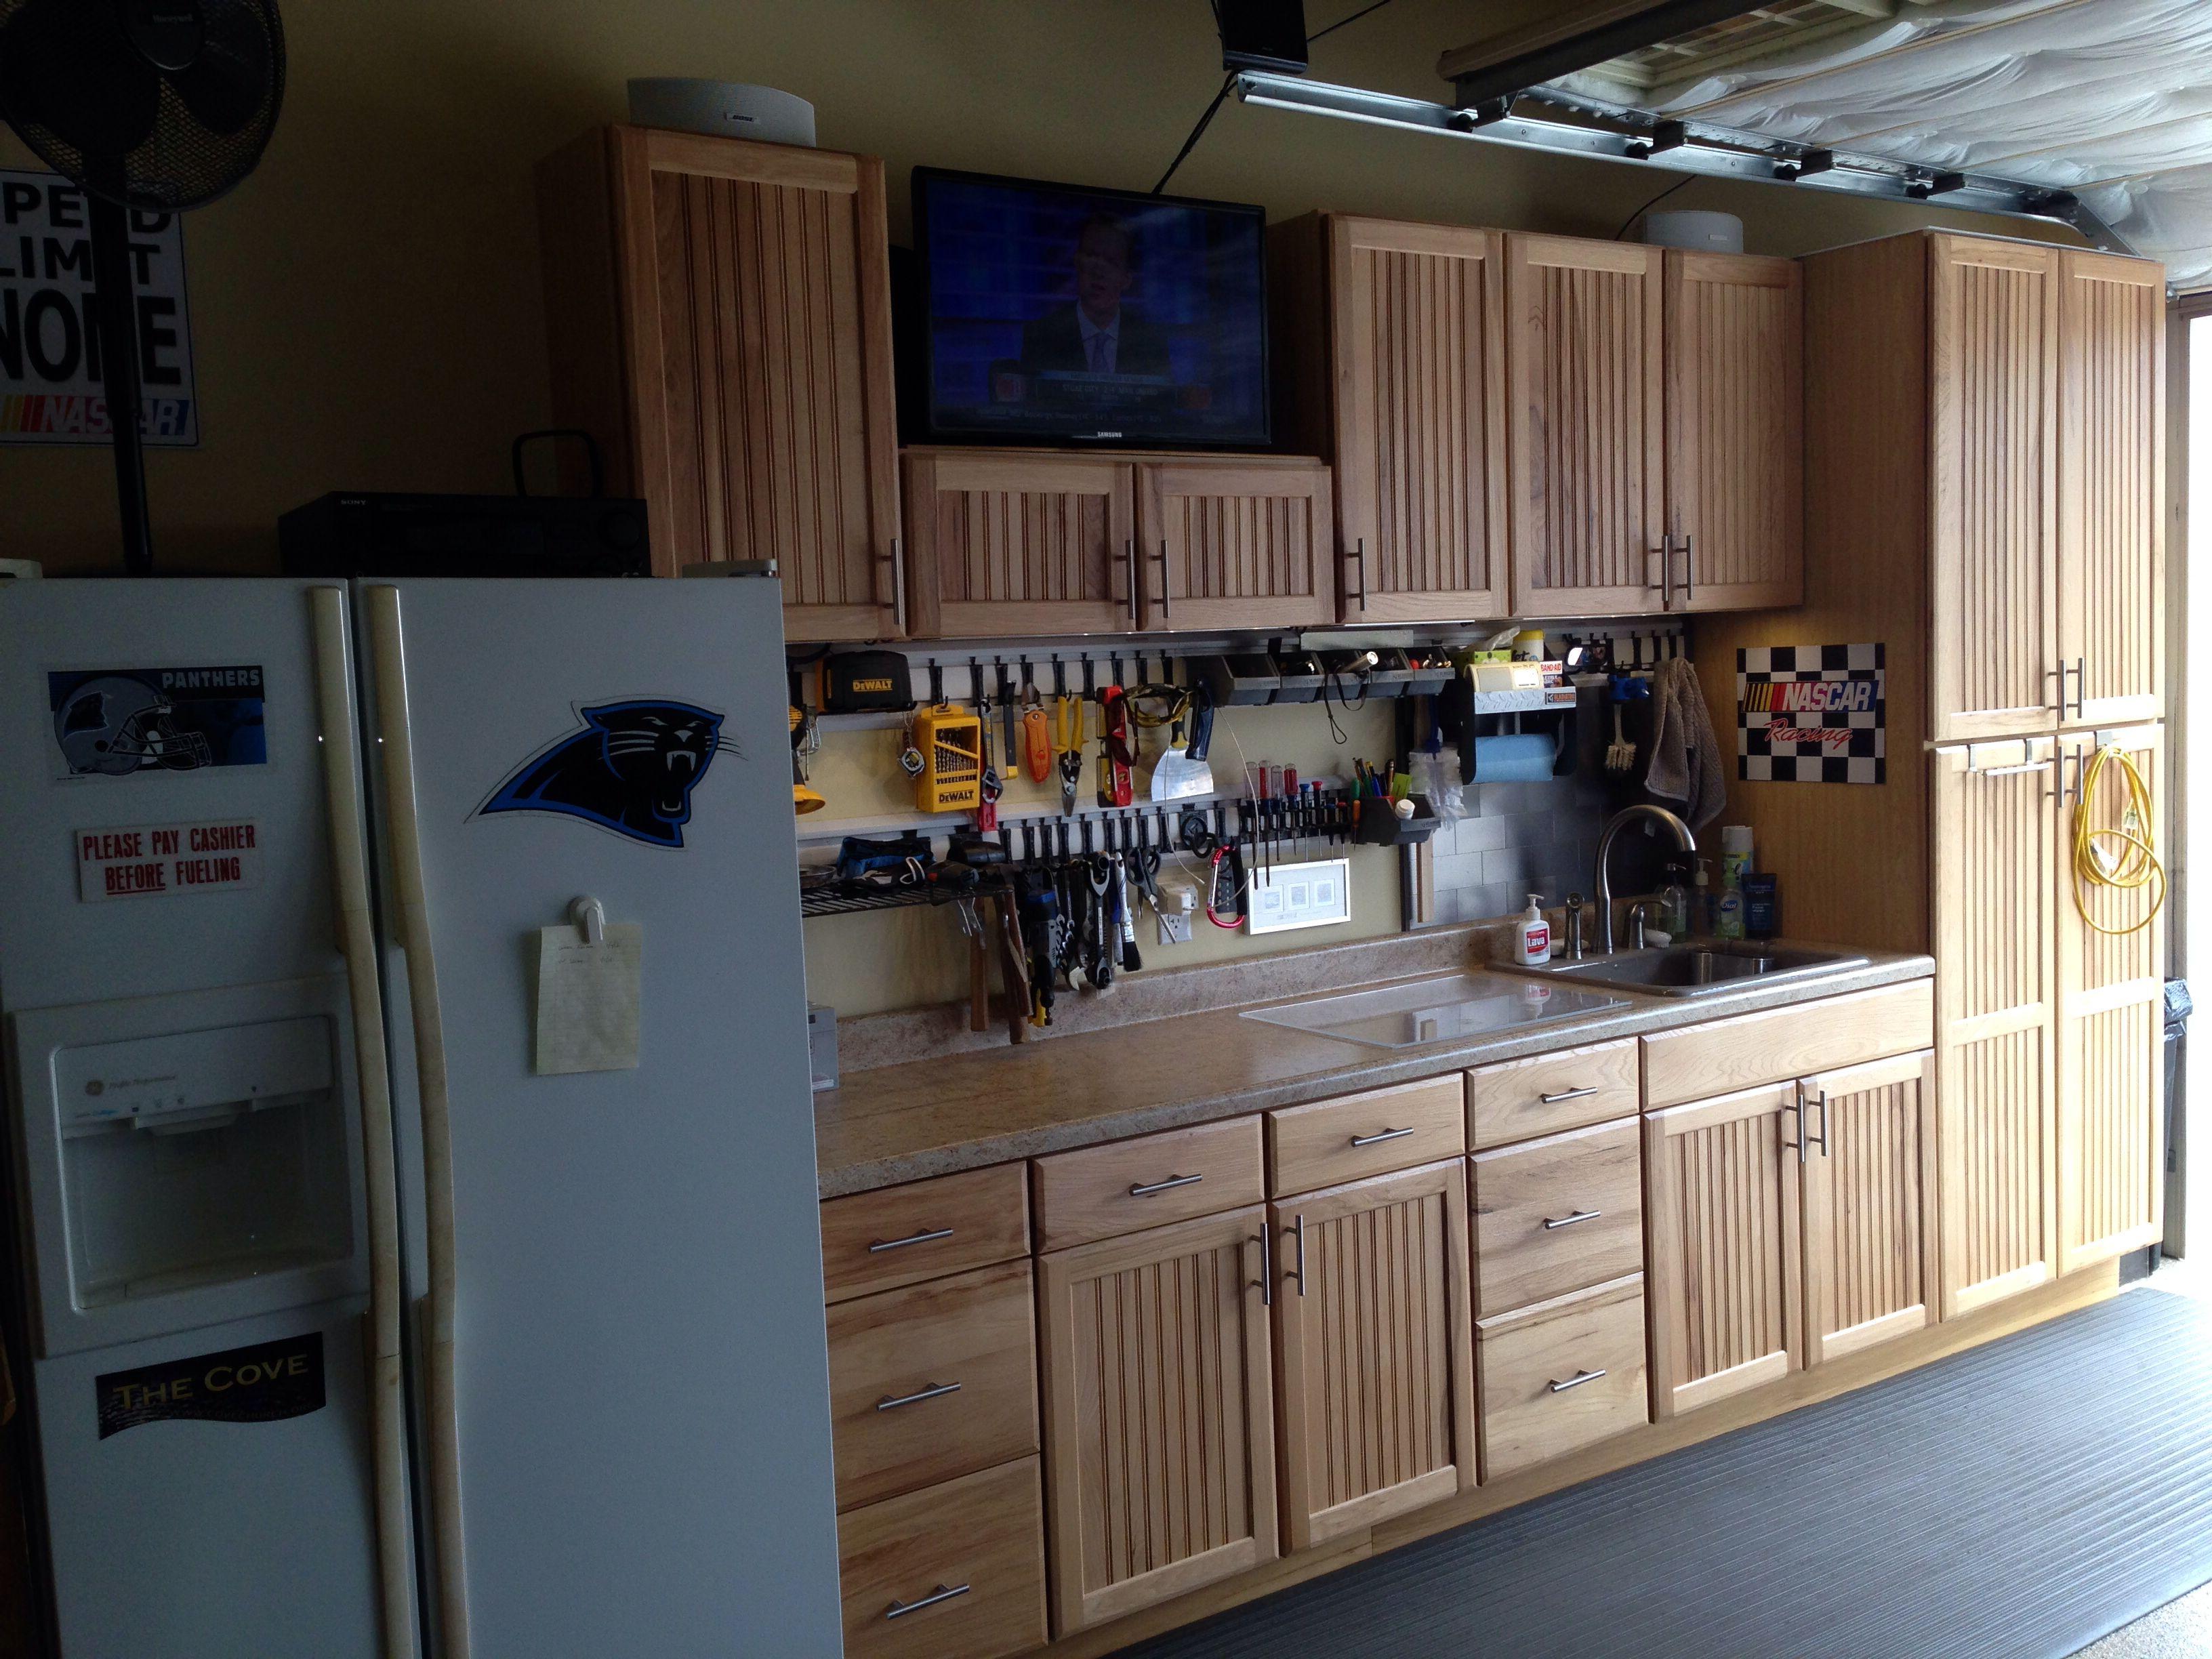 Garage | Kitchen cabinets, Garage storage, Home decor